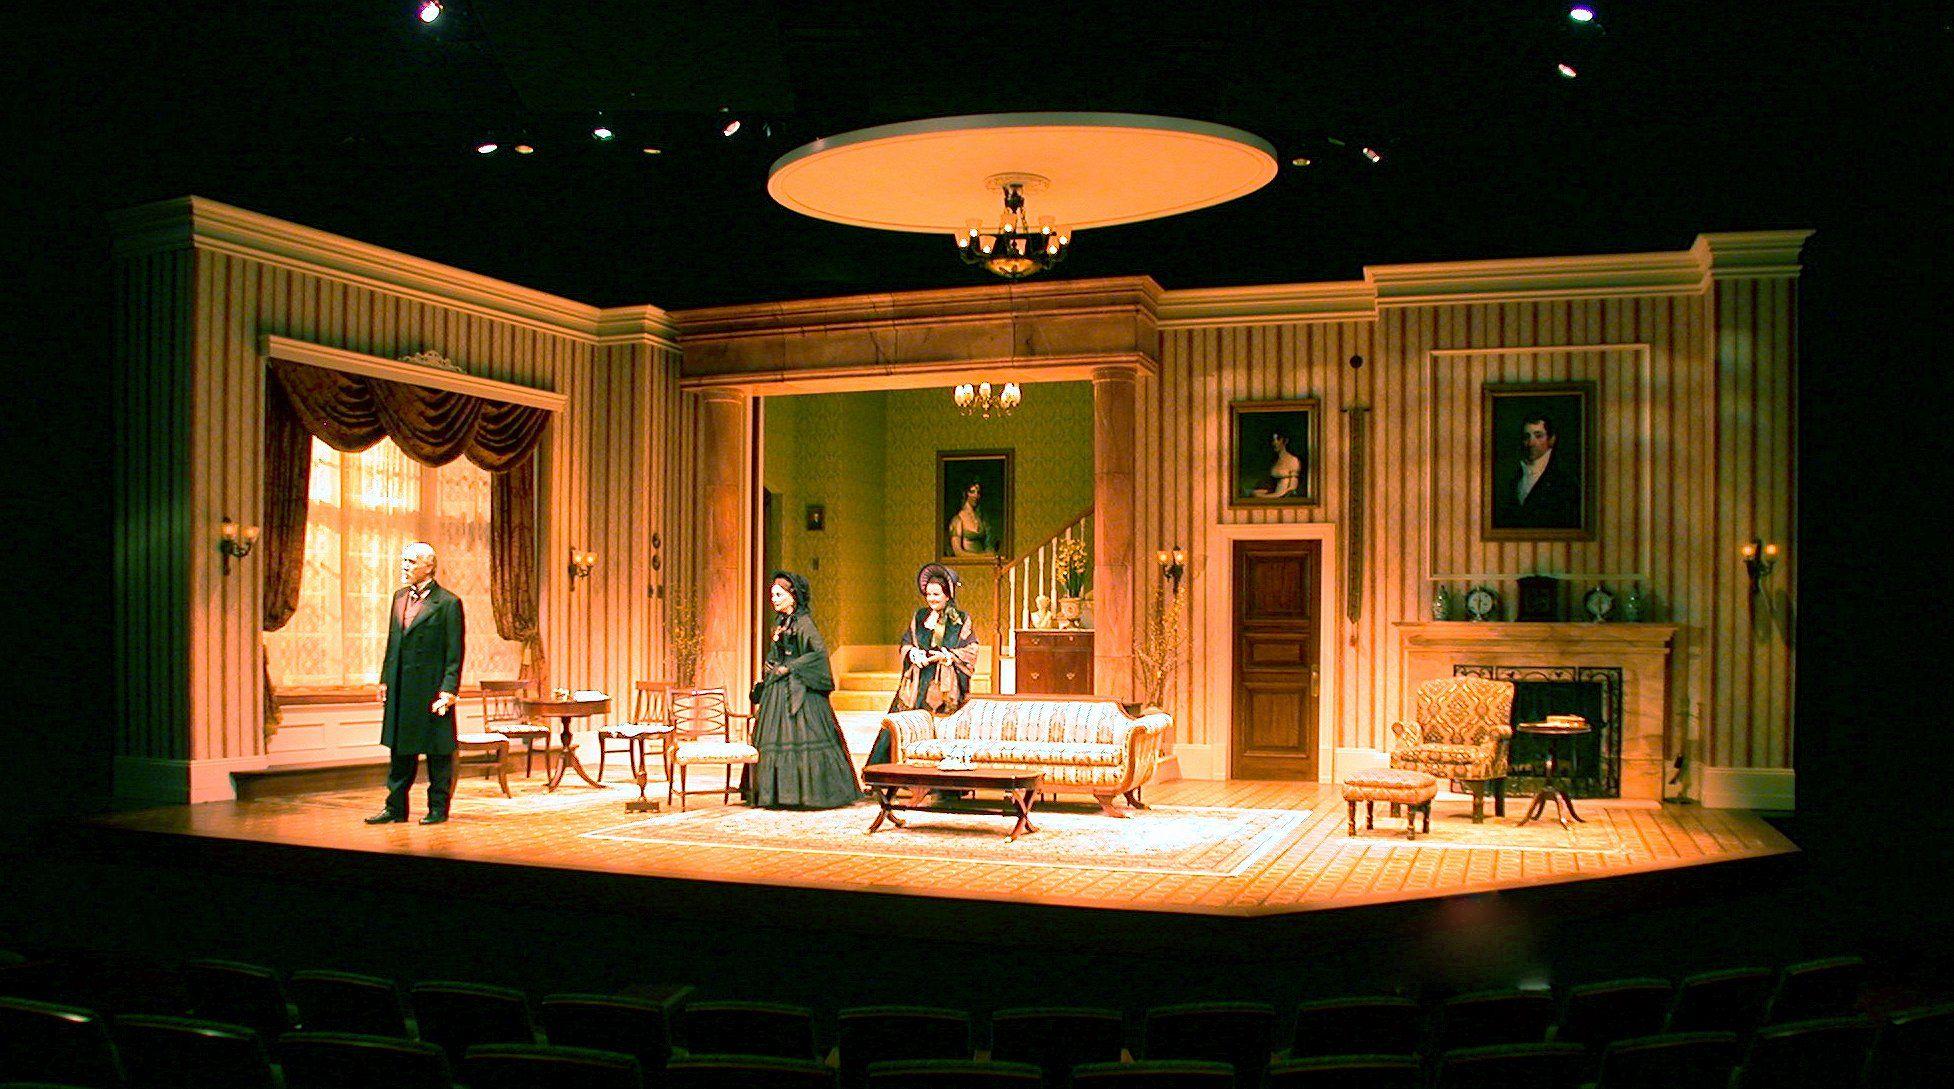 The Prolific Career Of Scenic Designer Tom Buderwitz This Stage Scenic Design Set Design Theatre Set Design